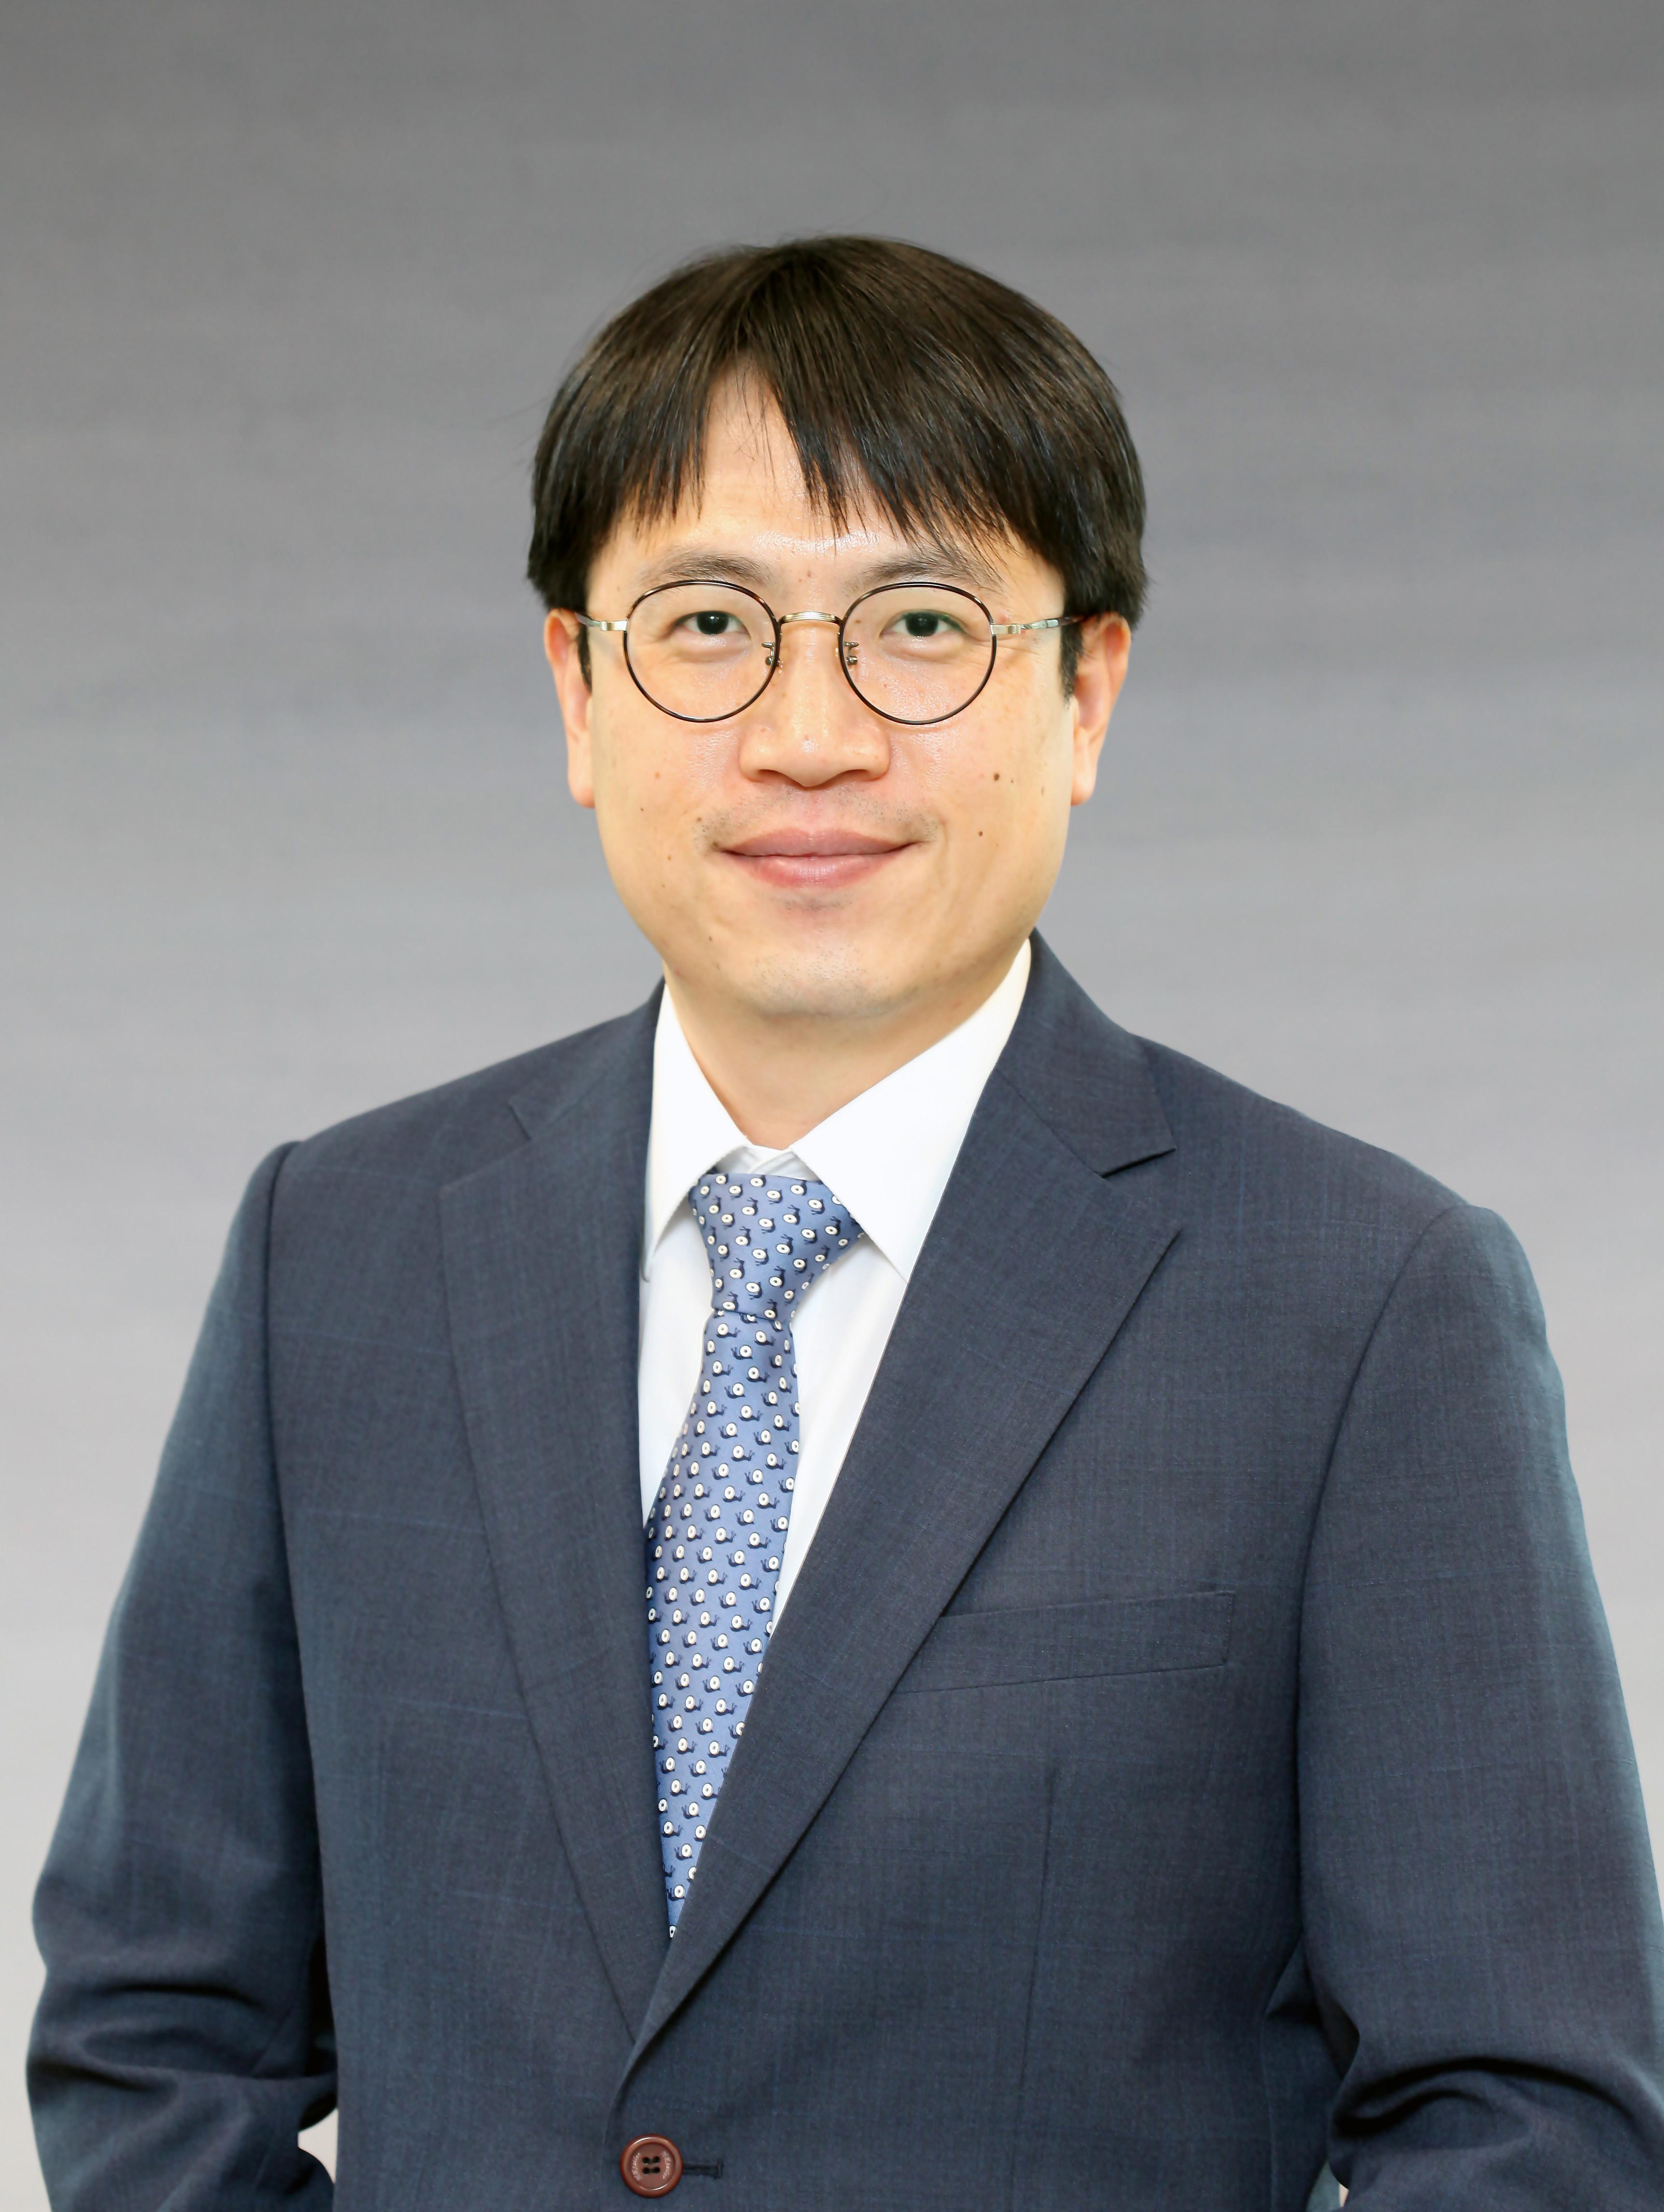 김화 프로필 사진